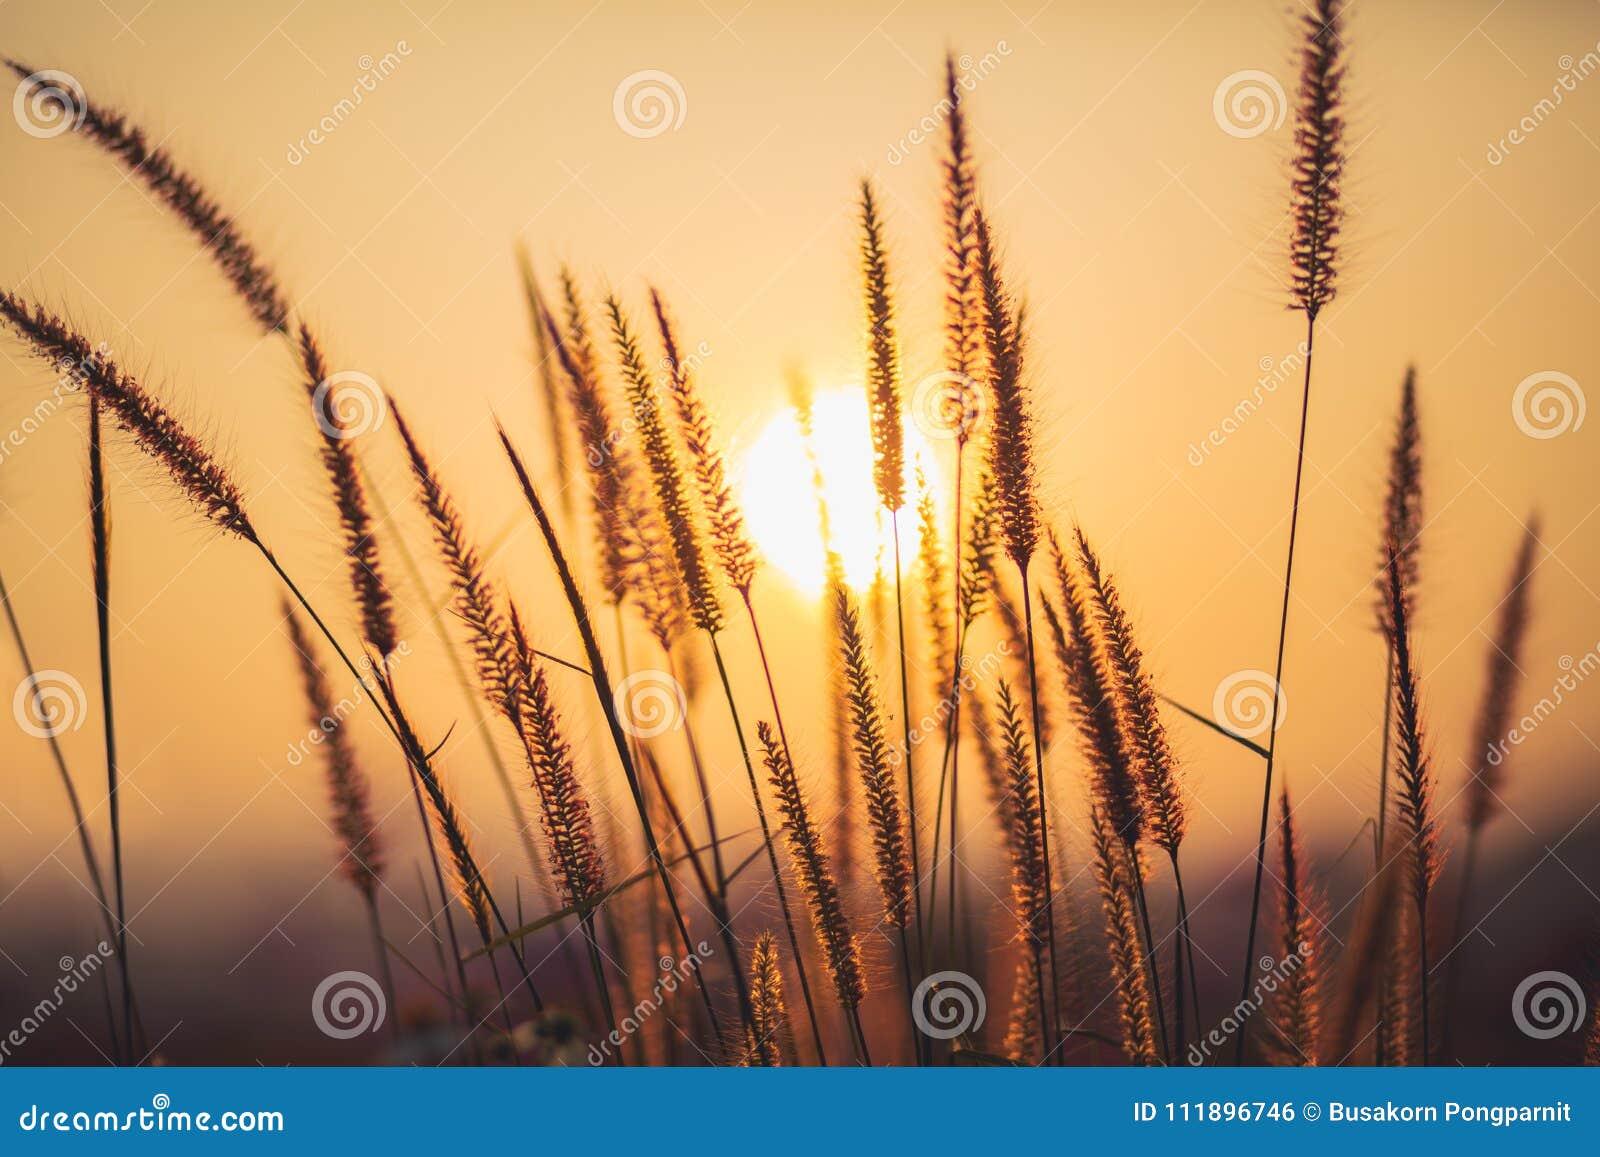 Chíbese el fondo con el haz del sol, naturaleza suave del extracto del foco